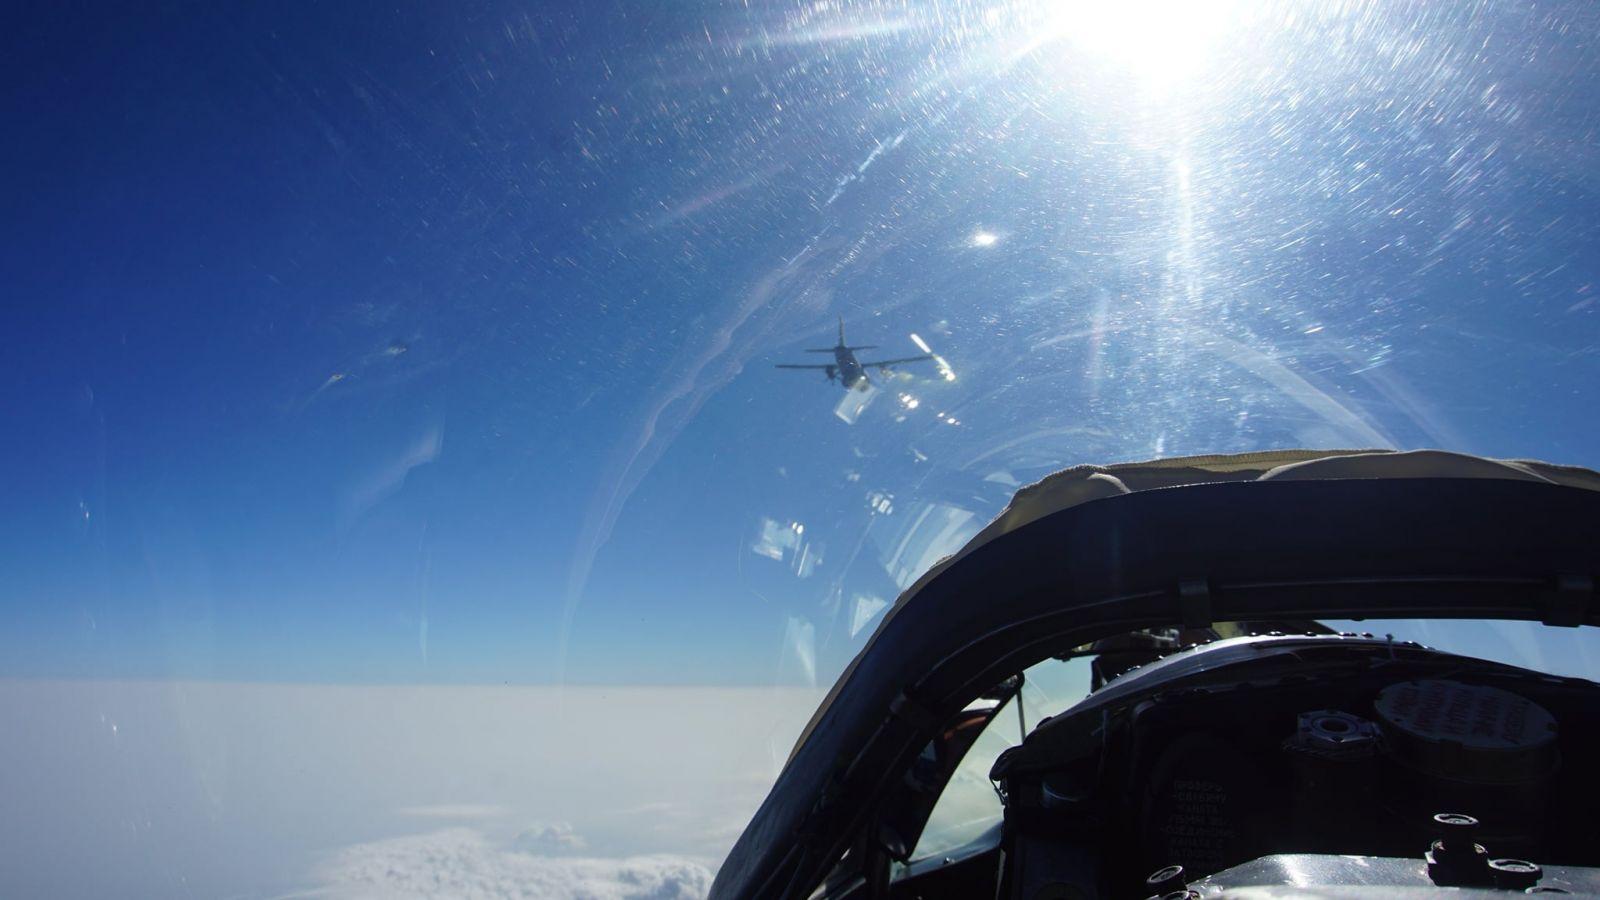 БЪЛГАРСКИ ЕКИПАЖИ НА МиГ-29 И С-27J И ГРЪЦКИ НА F-16 В СЪВМЕСТНИ ДЕЙСТВИЯ